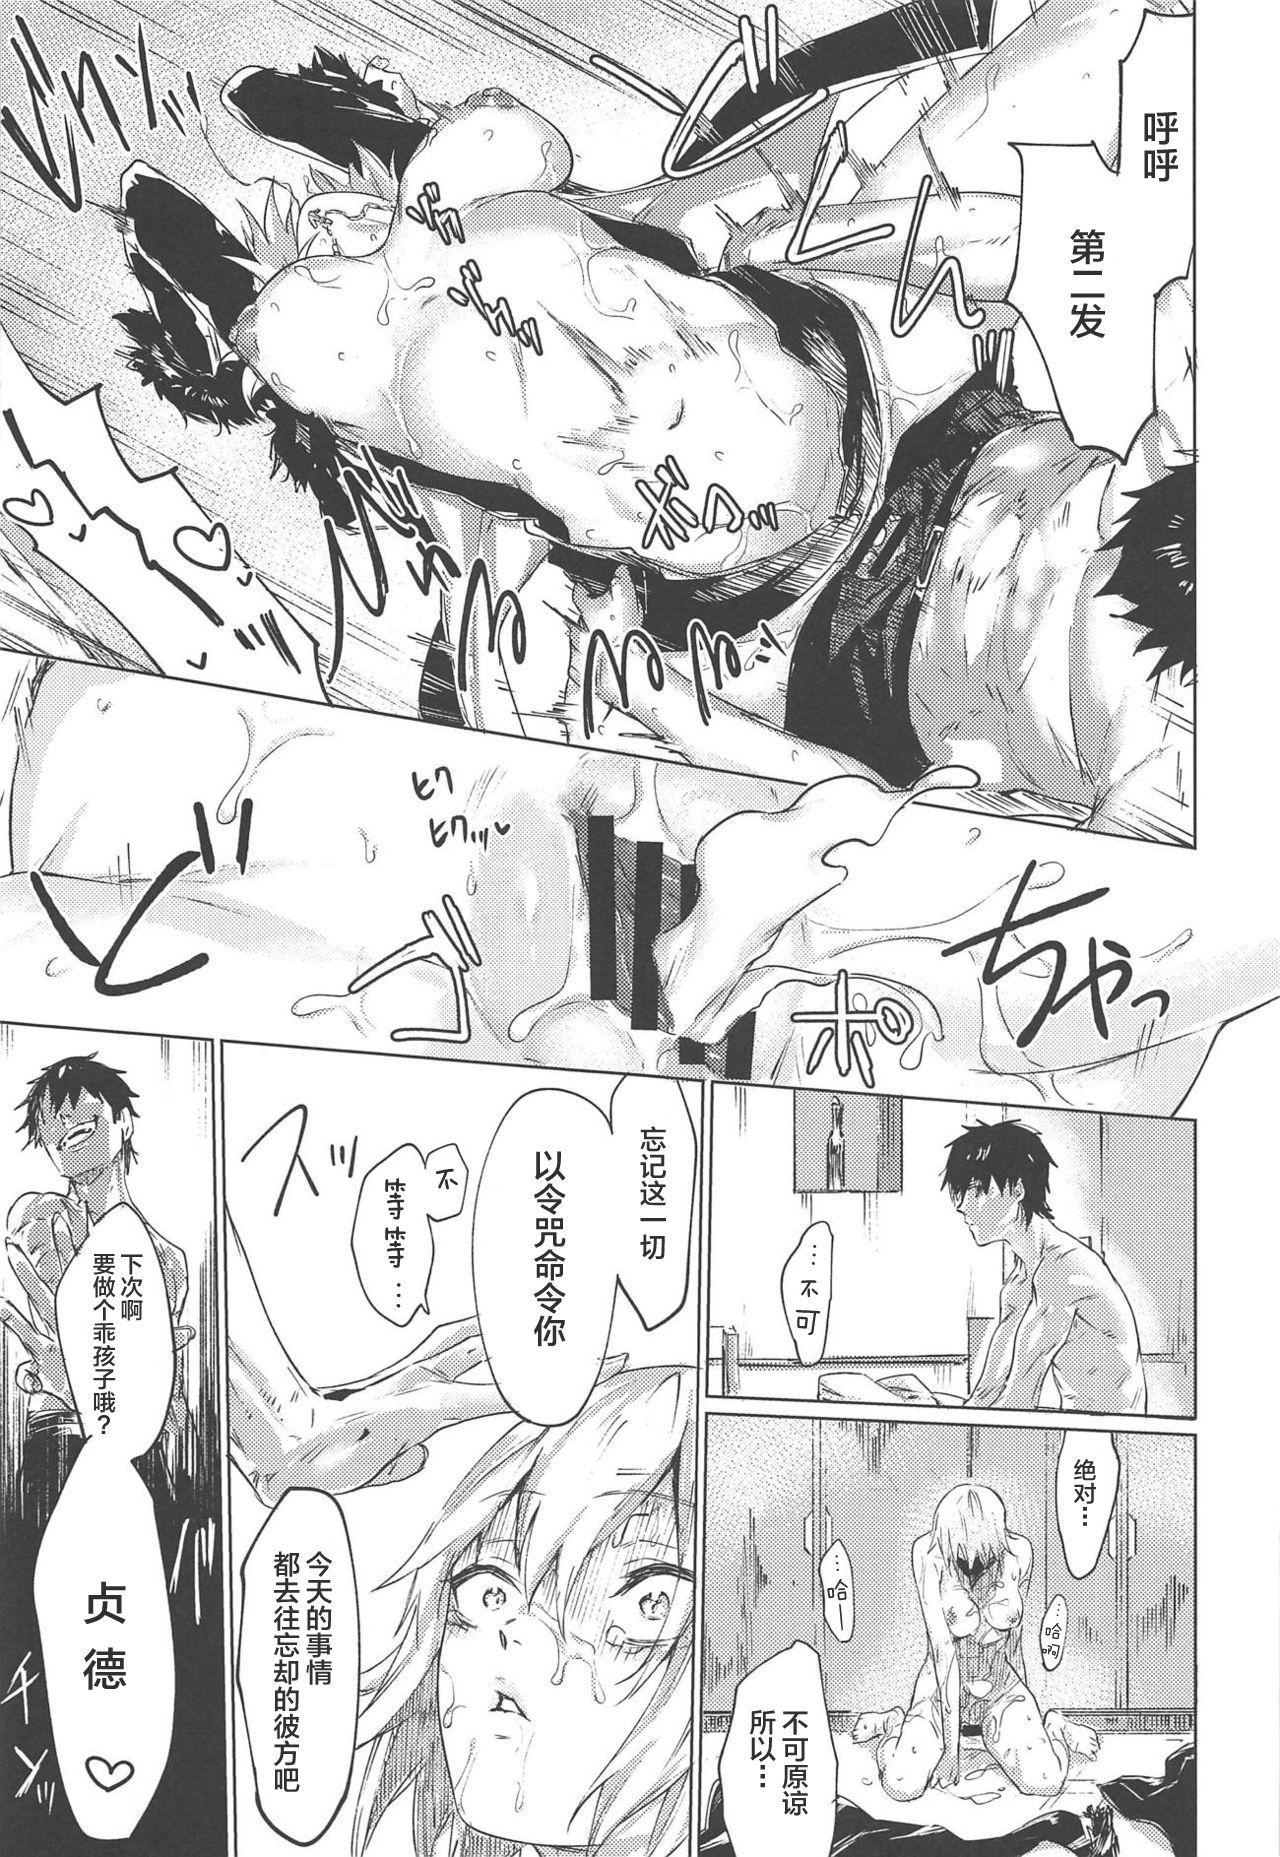 Iikagen ni Shite Kure!! Alter-san 6